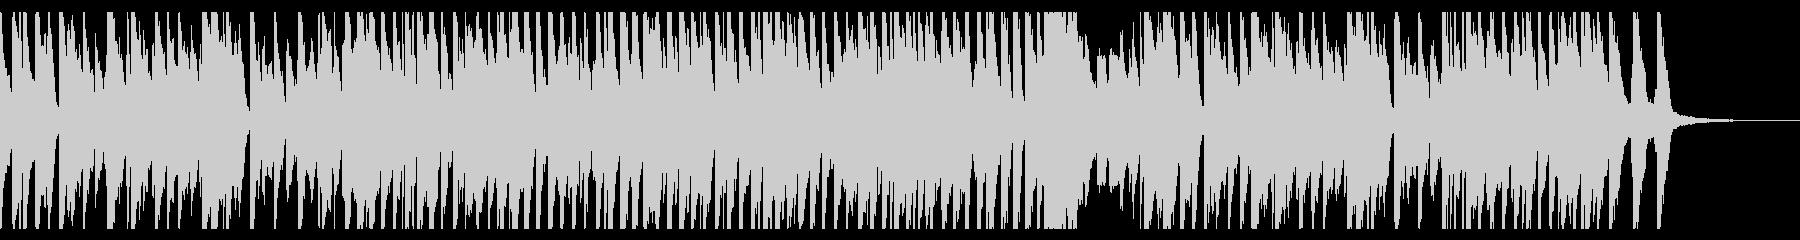 おどけた調子のピアノ曲の未再生の波形